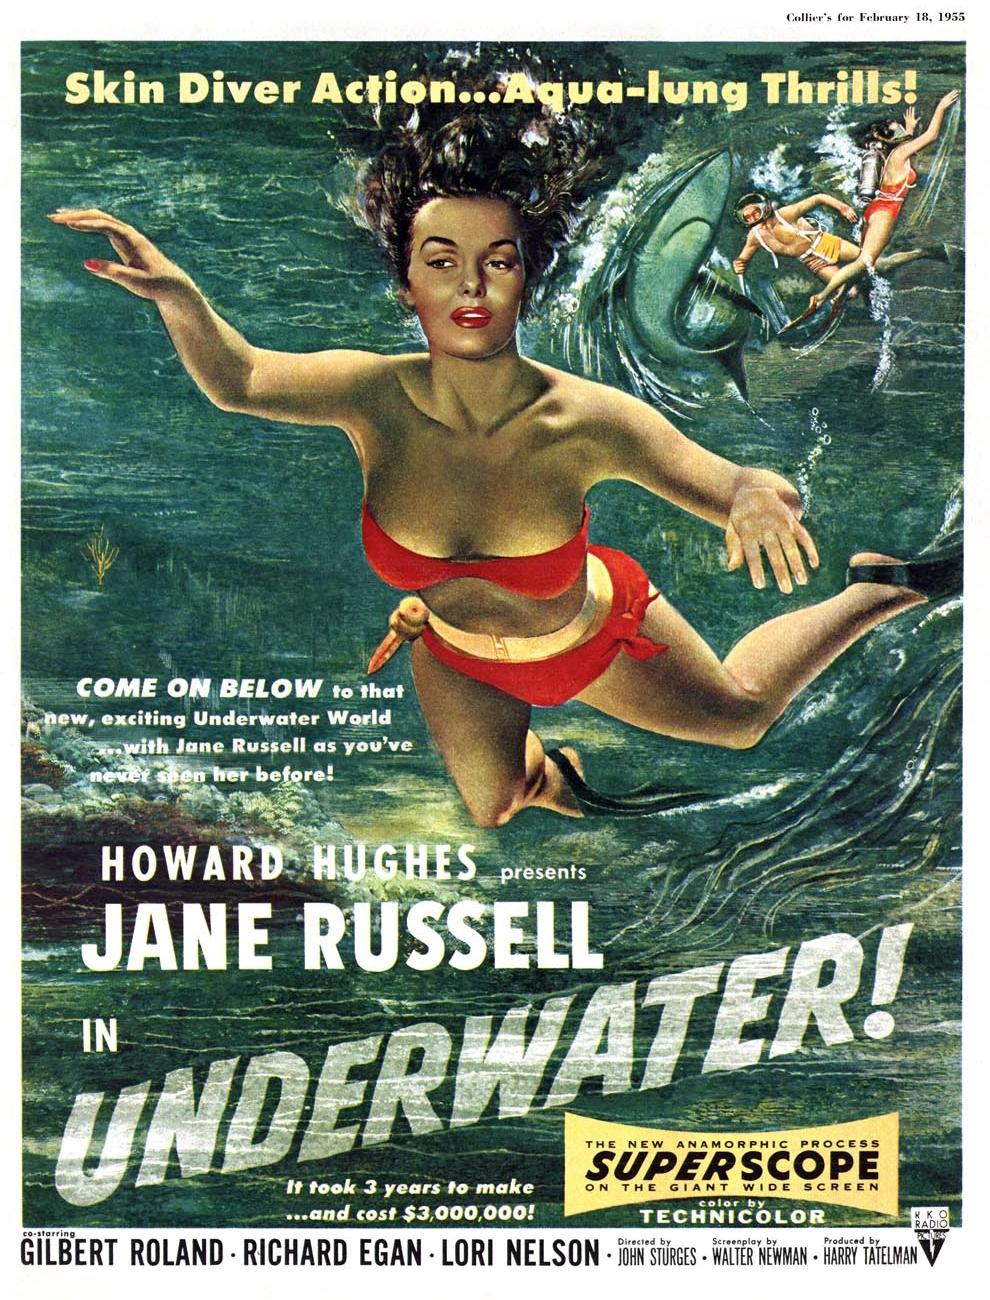 JaneRussell_Underwater 1955A